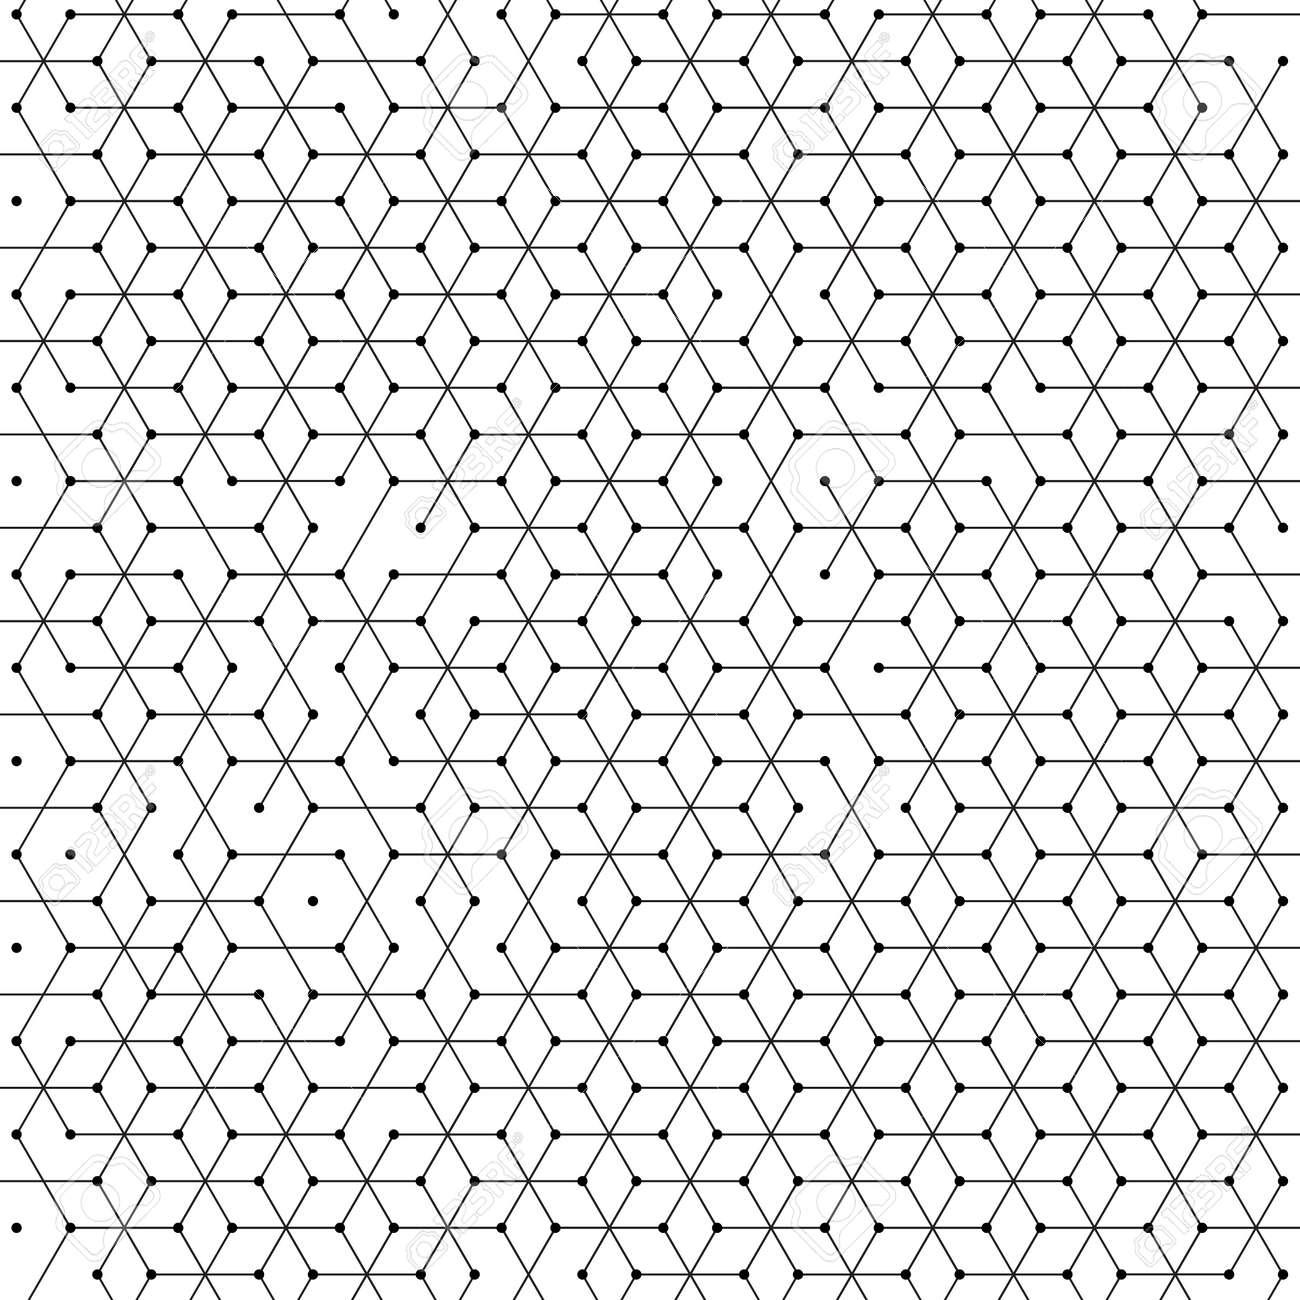 Células Hexagonales Fondo Del Patrón De Malla Geométrica Del ...